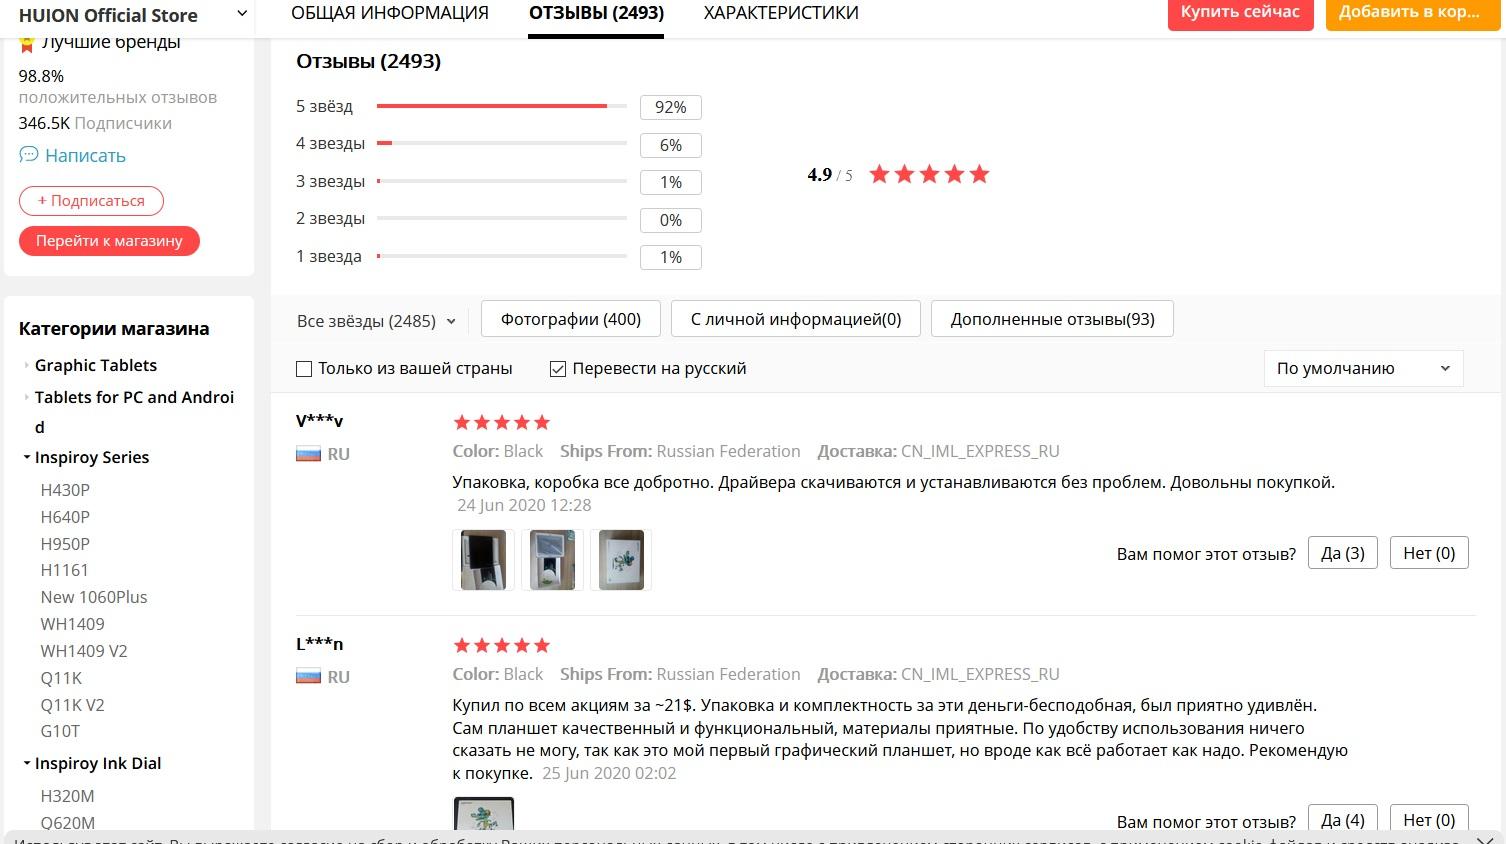 Отзывы о графическом планшете HUION H430P